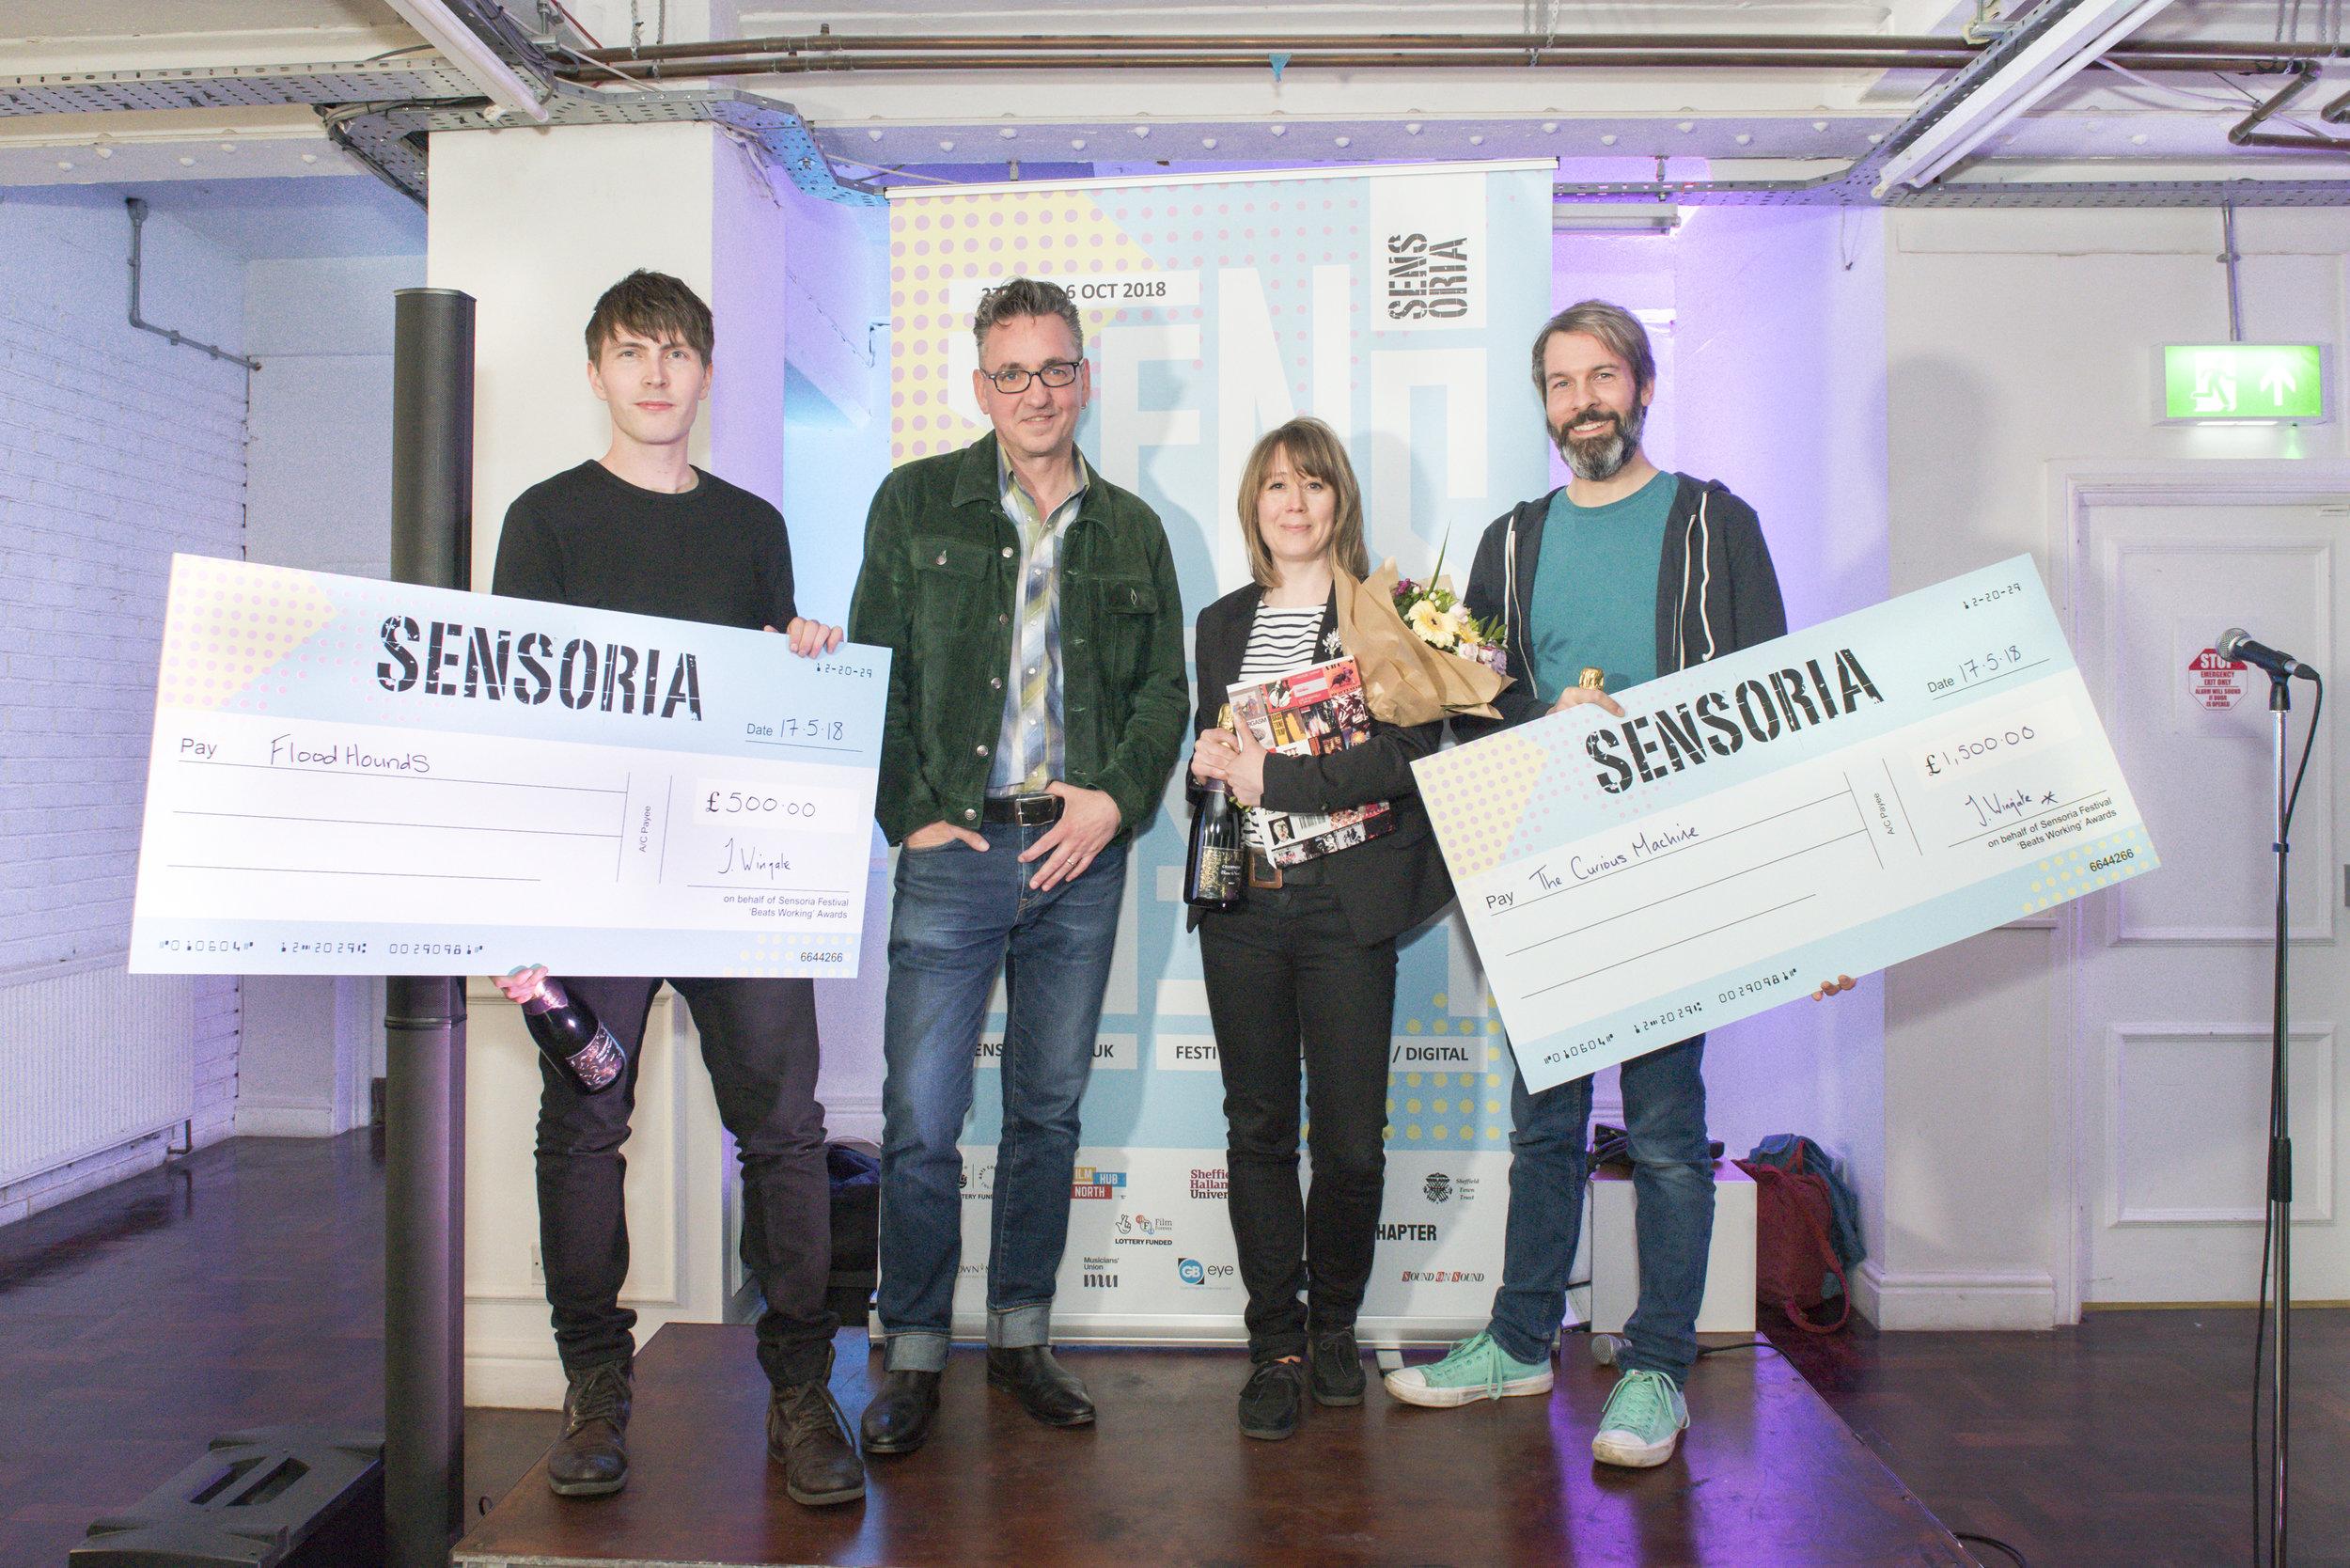 Sensoria 'Beats Working' Awards - 2018